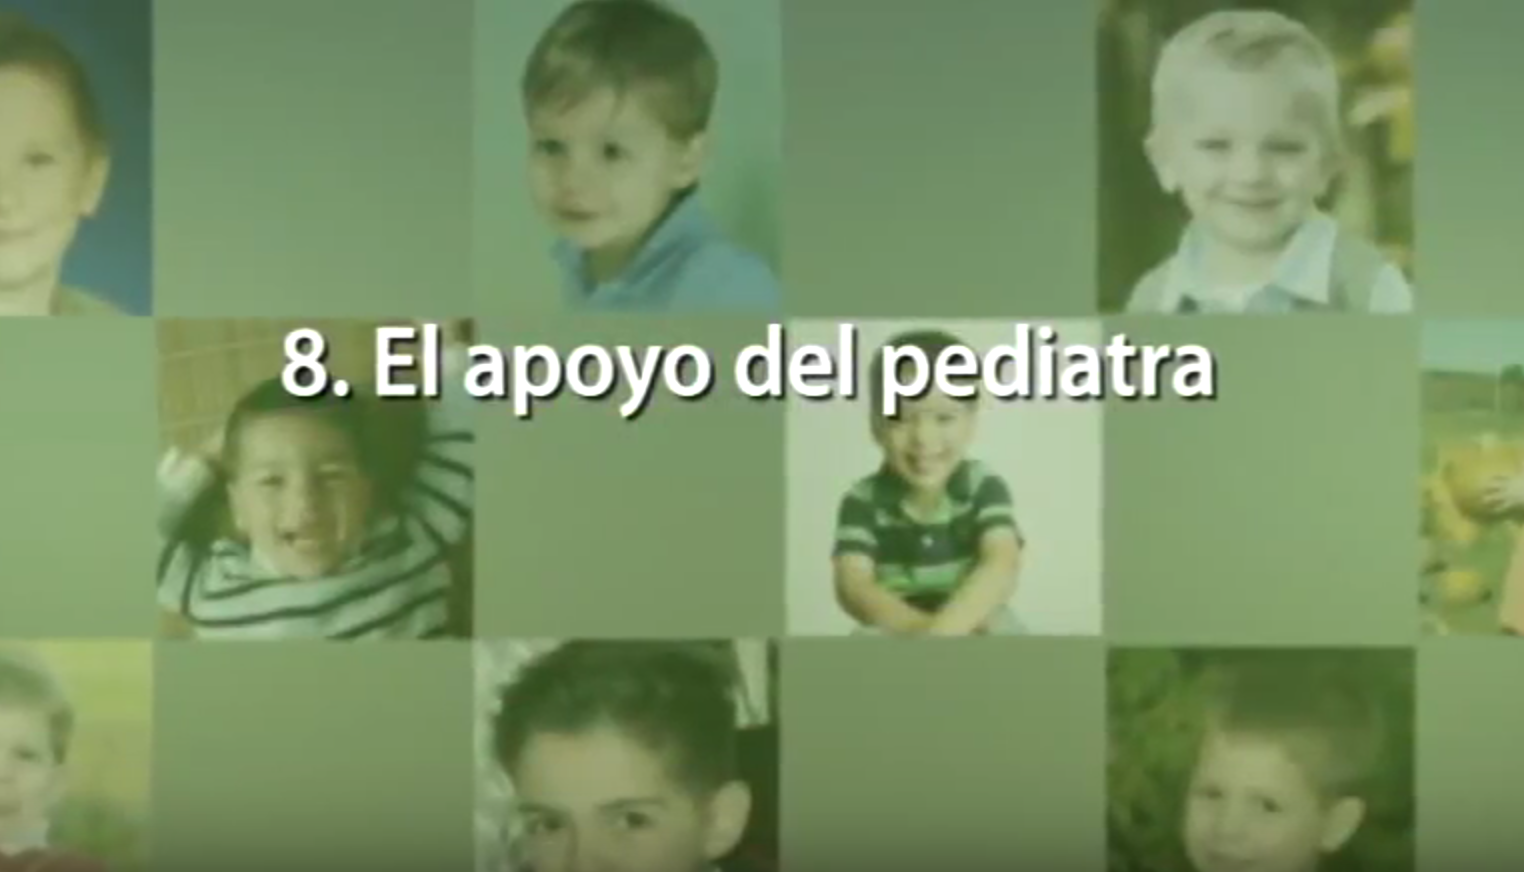 8. El apoyo del pediatra